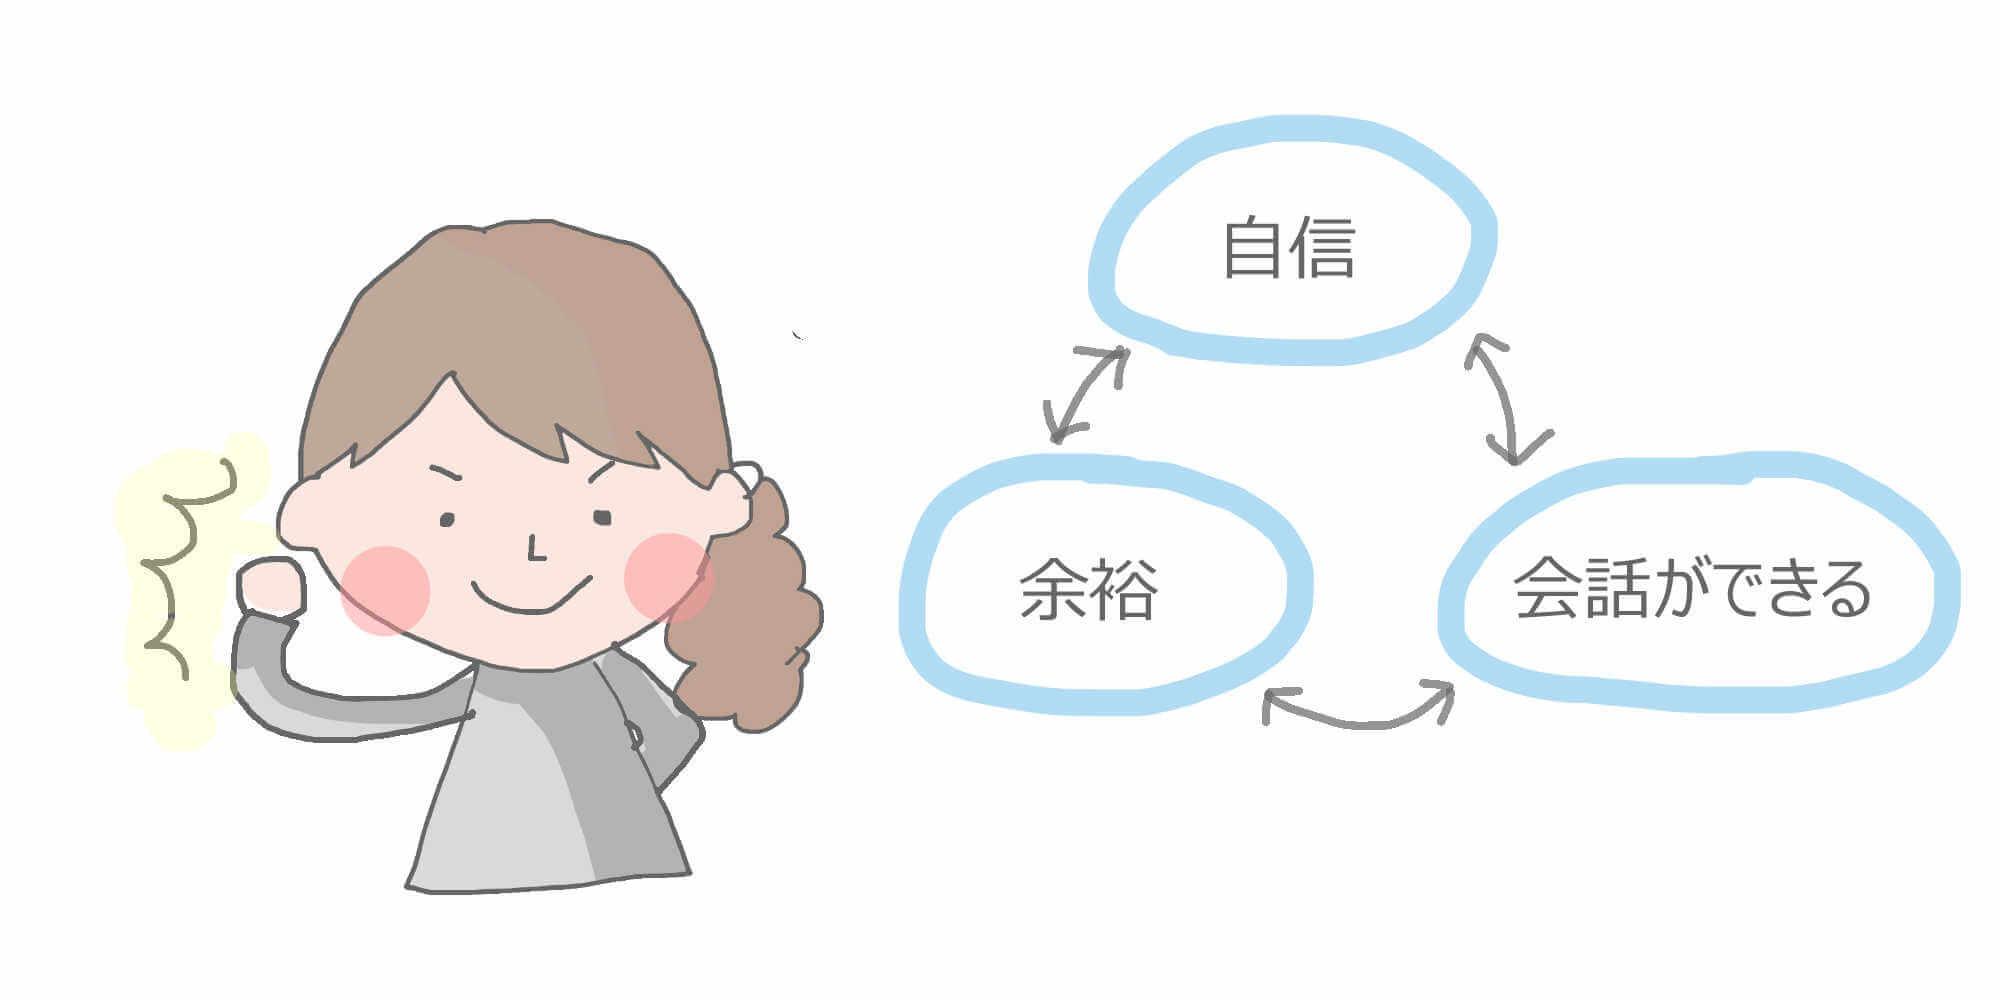 難聴者は人一倍語彙数を増やすべき、その理由はたった一つ!